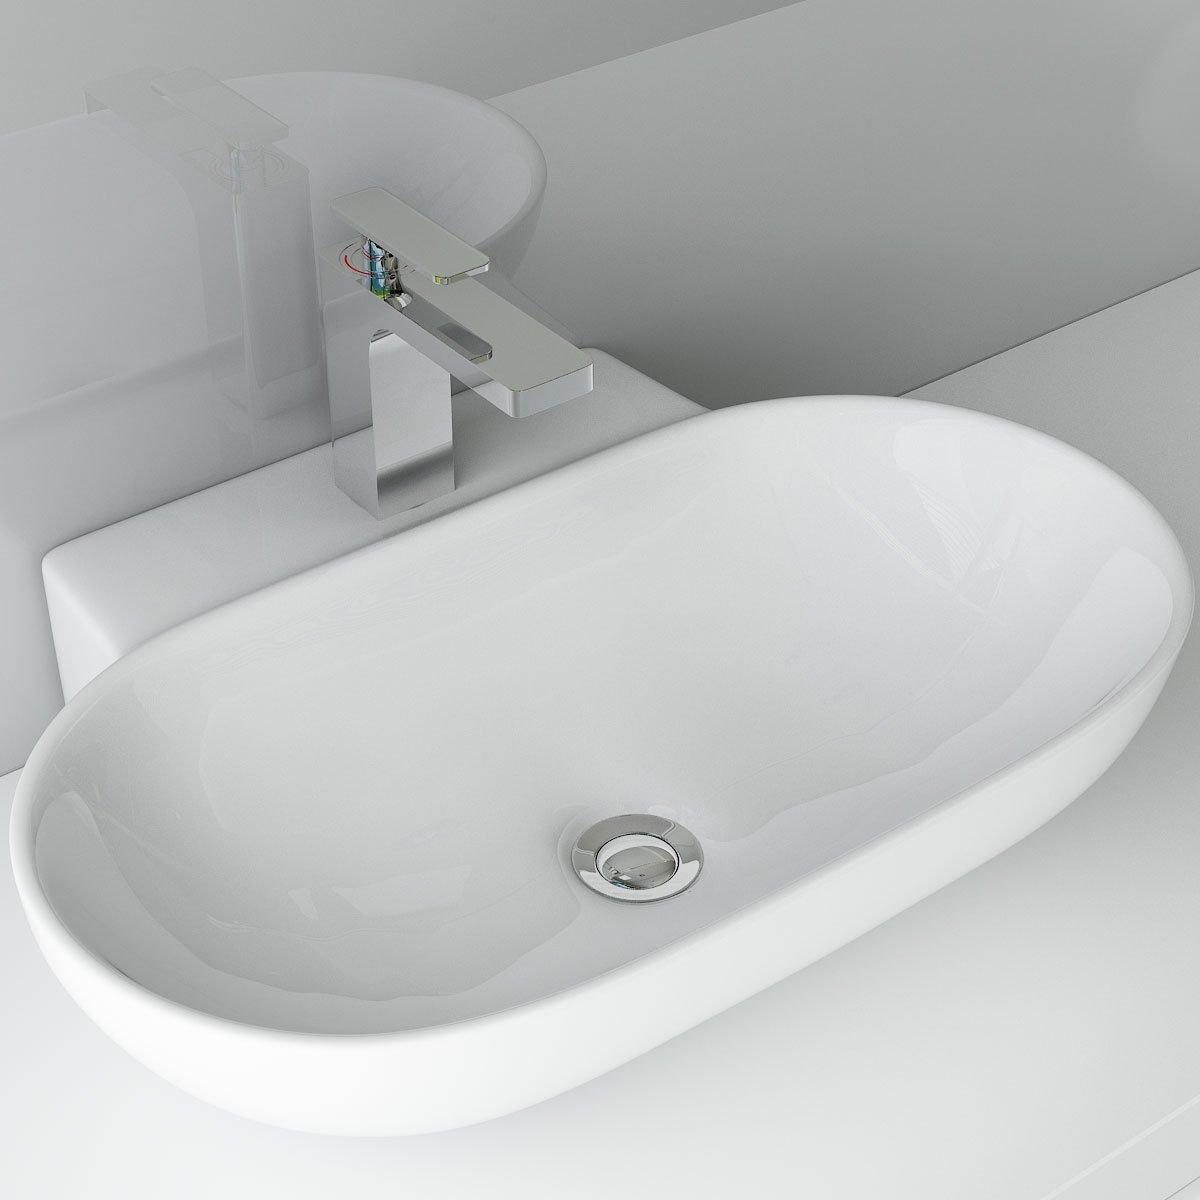 DESIGN KERAMIK AUFSATZWASCHBECKEN WASCHTISCH WANDMONTAGE FÜR BADEZIMMER  GÄSTE WC A86: Amazon.de: Baumarkt